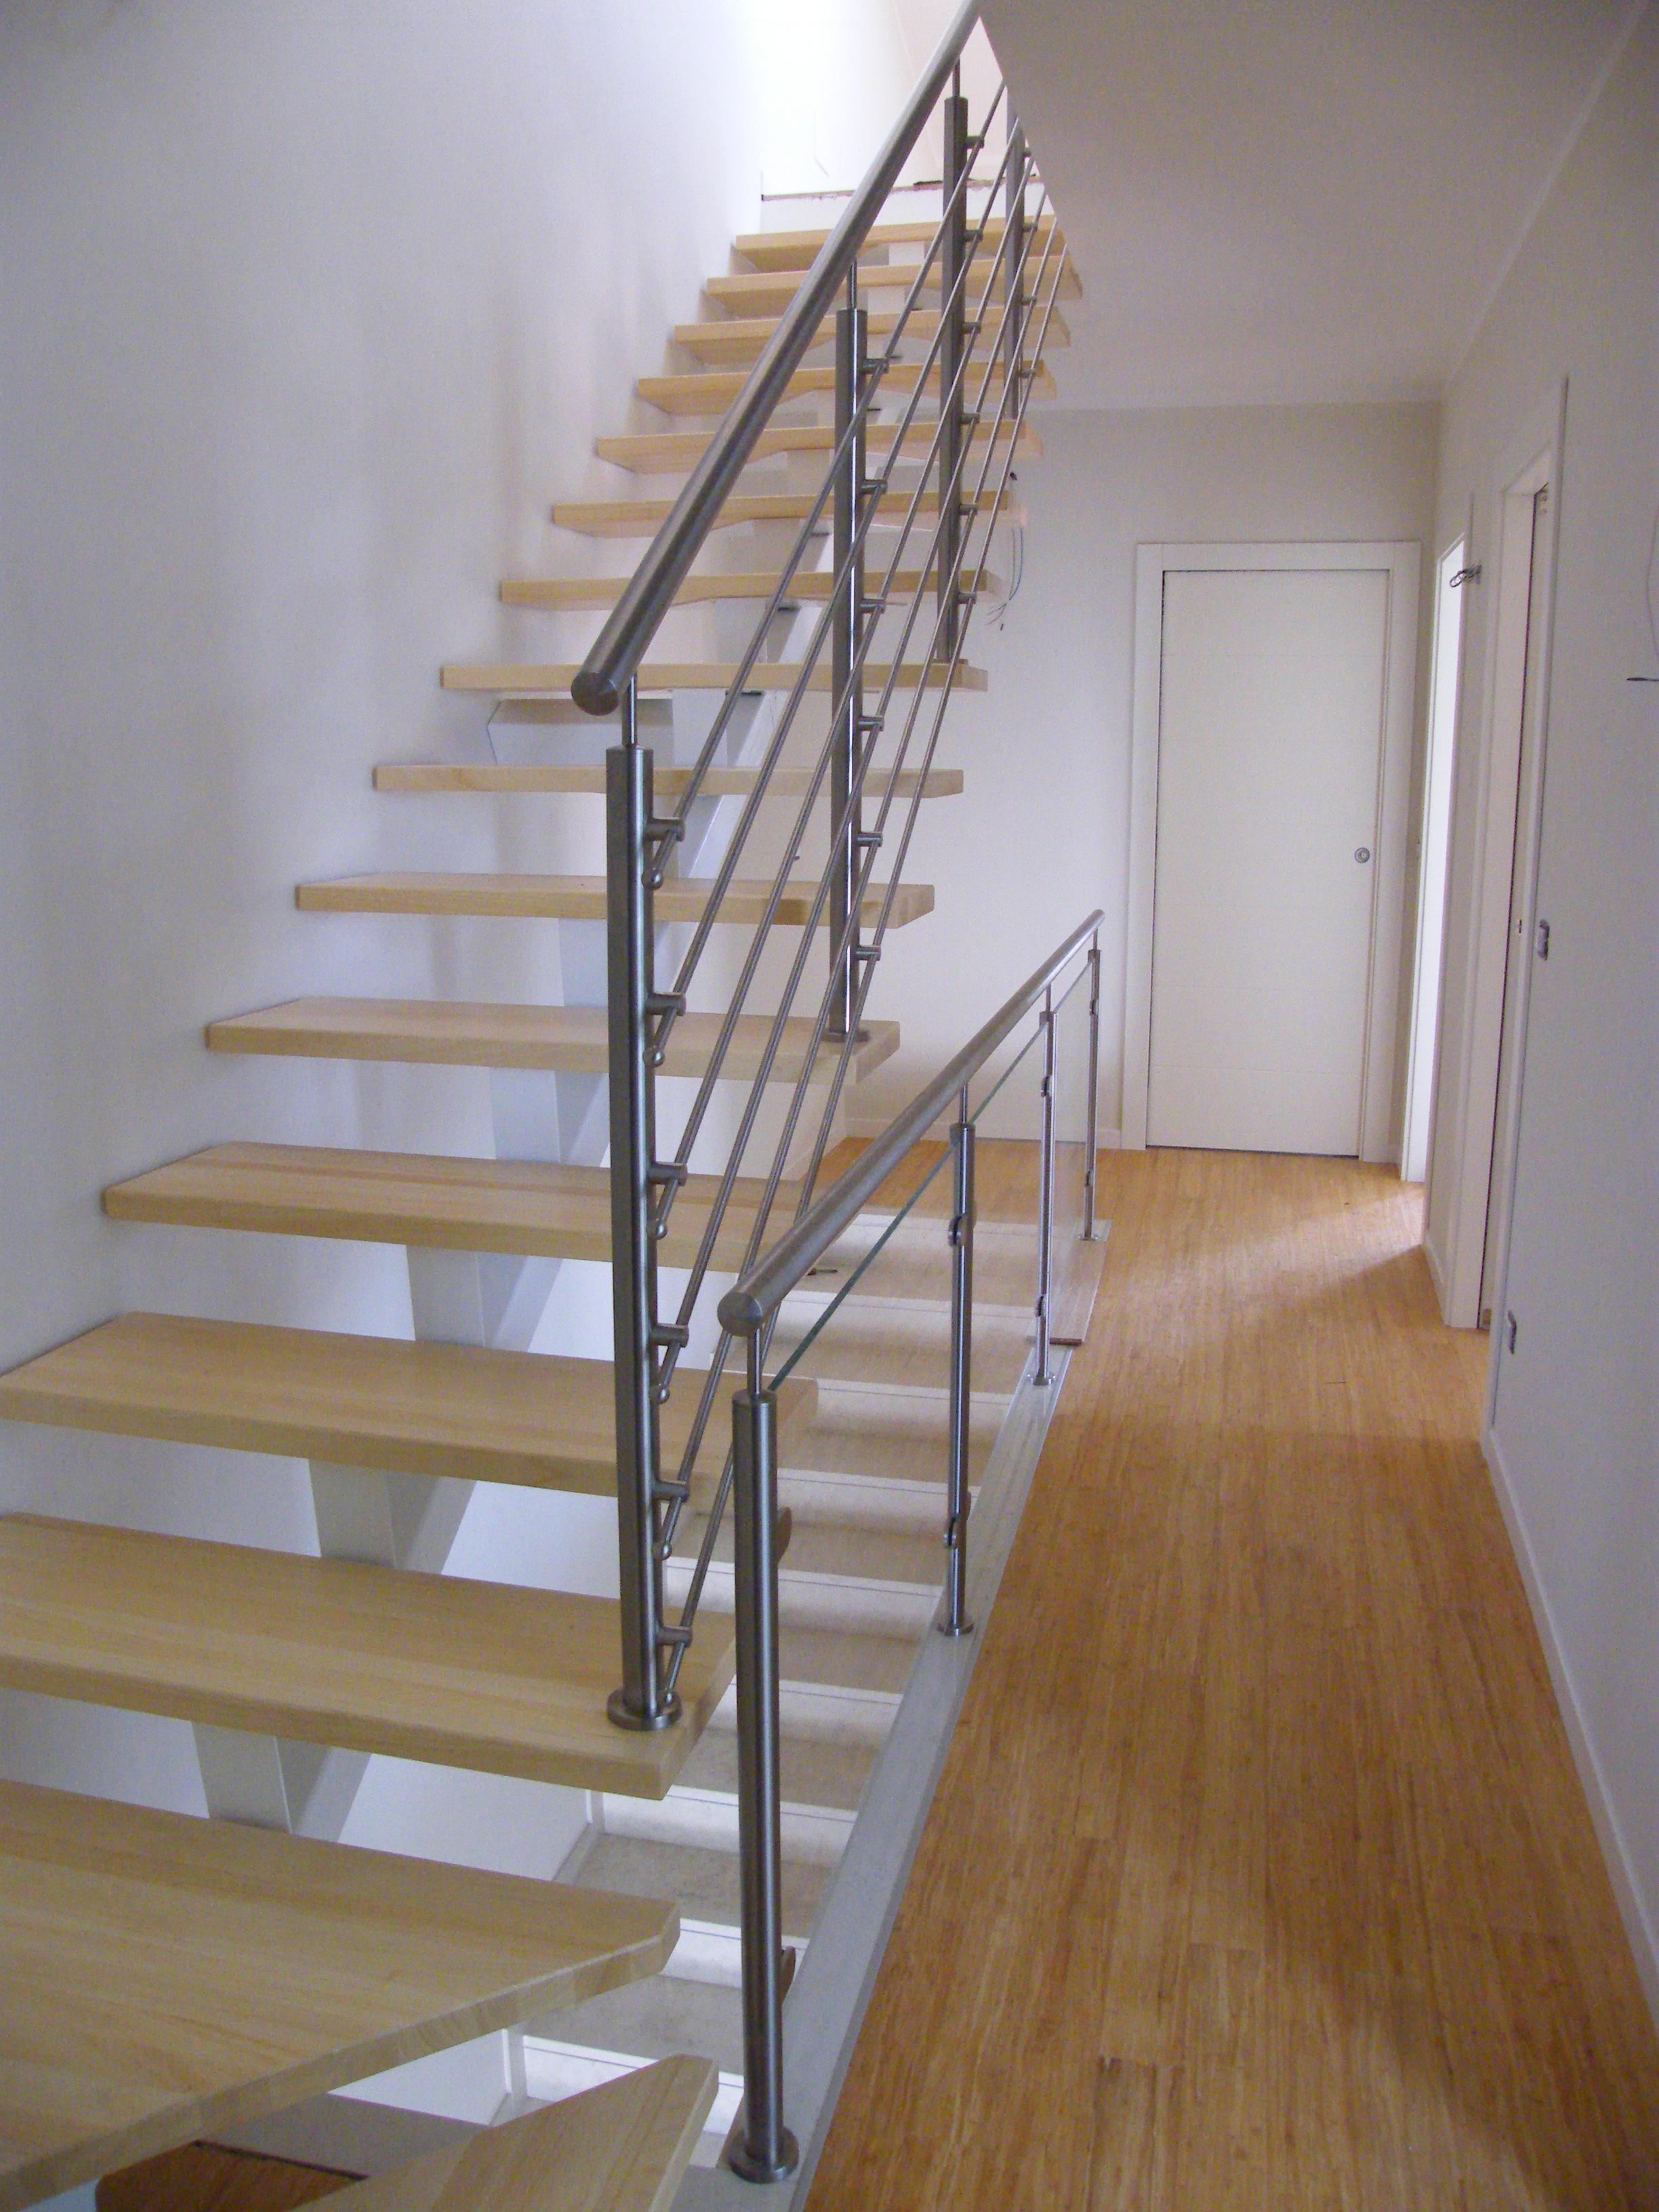 Produzione scale per interni in legno ferro acciaio inox e - Scale in vetro e acciaio prezzi ...